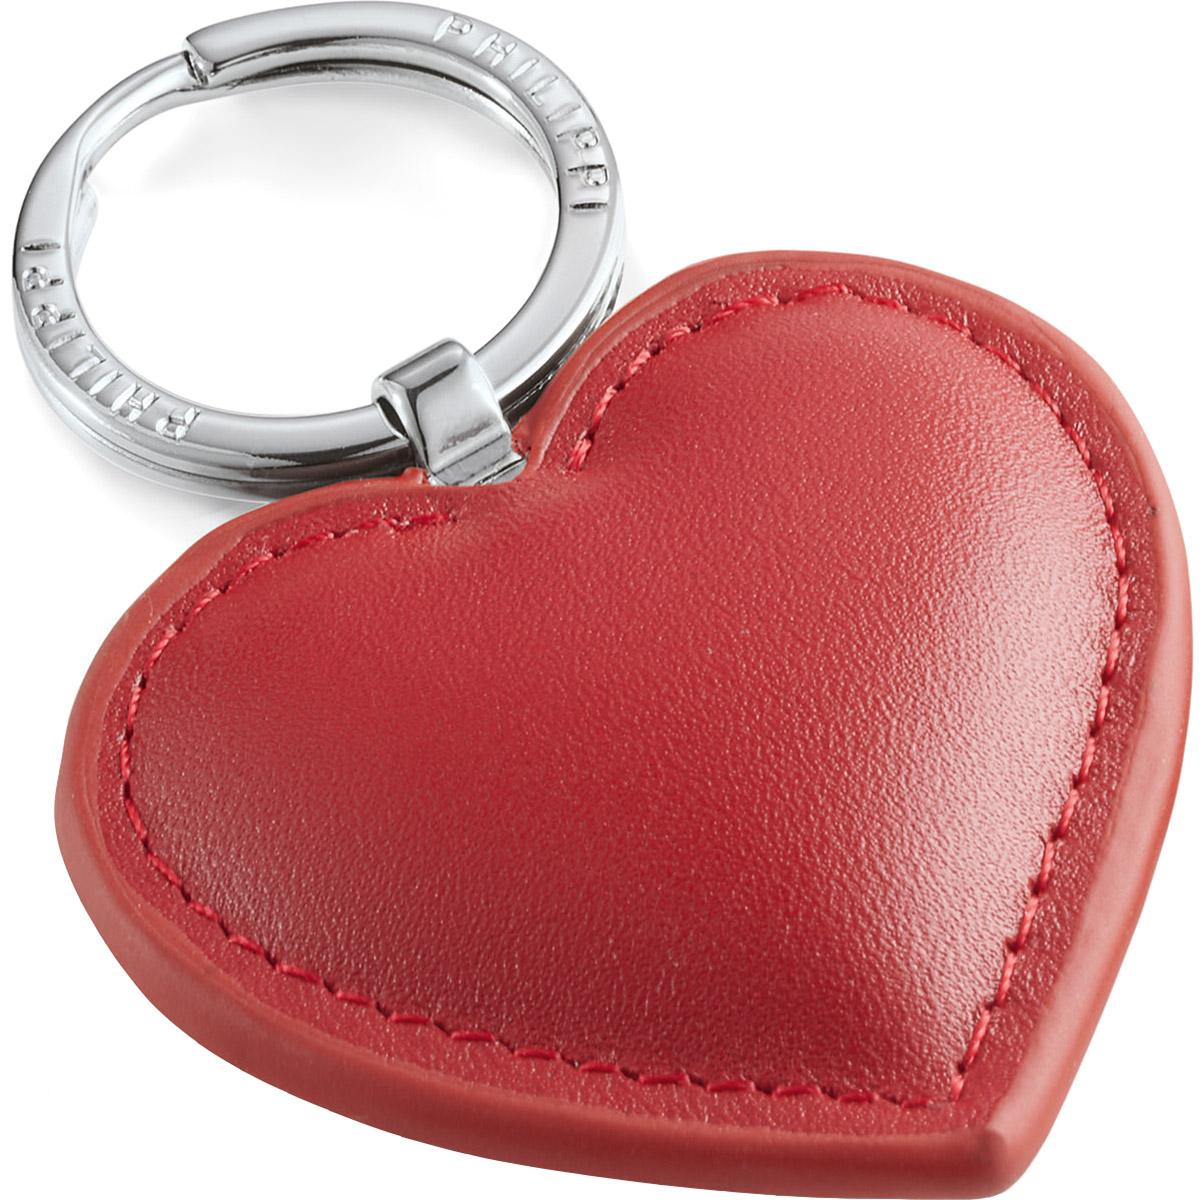 prezenty walentynkowe dla niego - Breloczek skórzany, czerwone serce